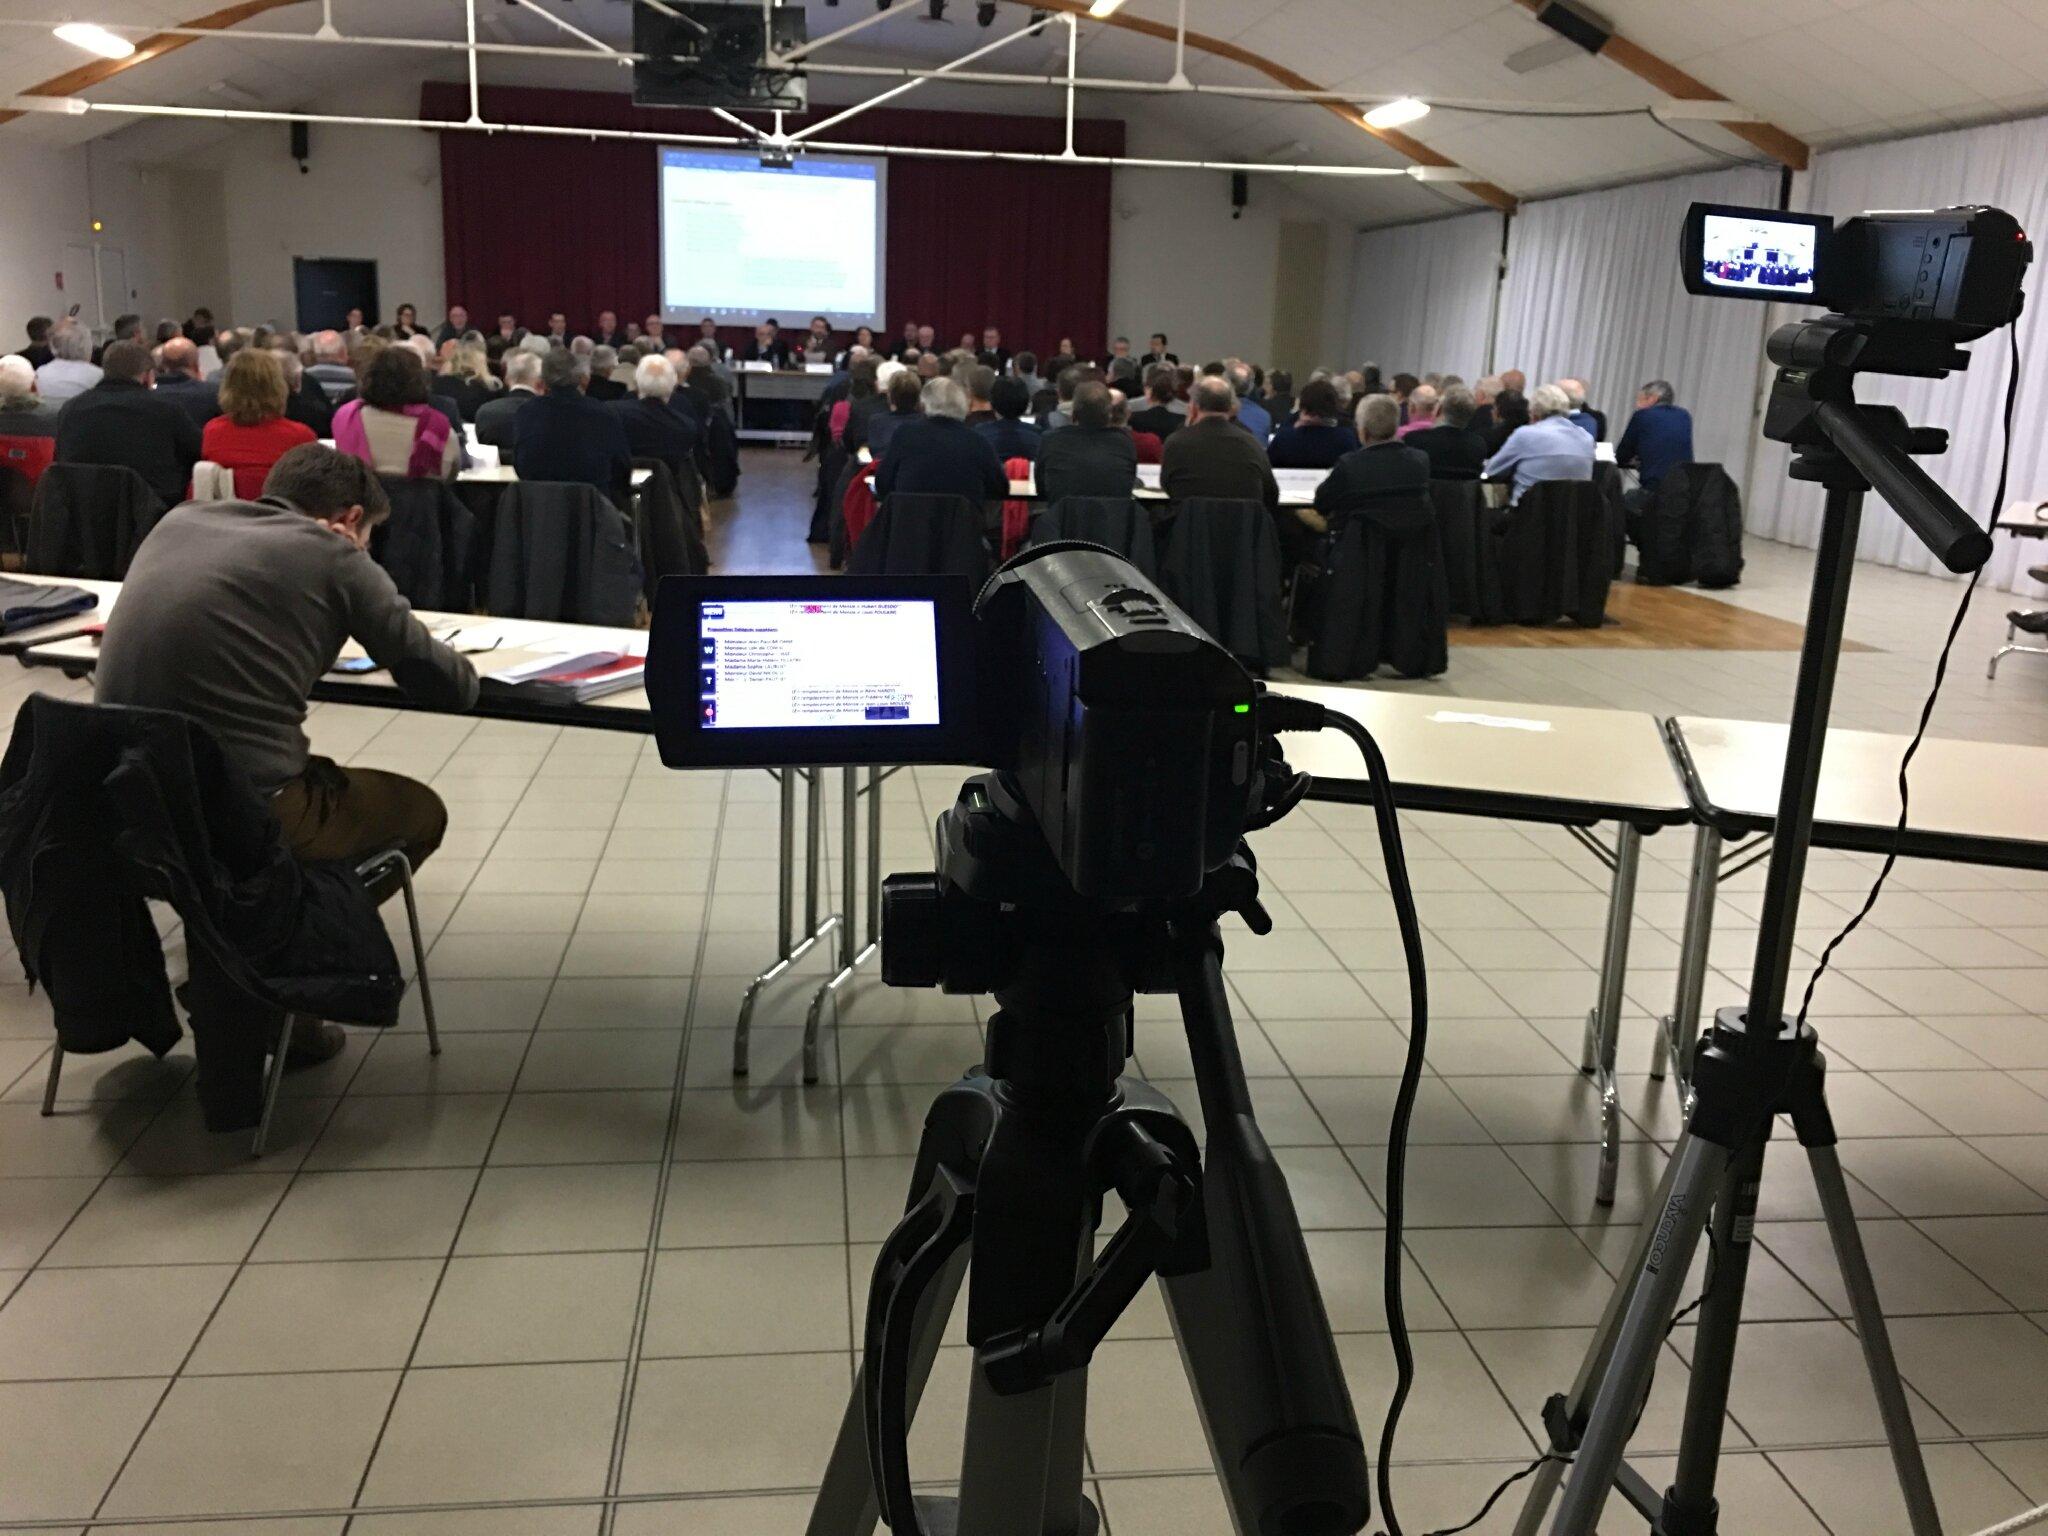 conseil de communauté d'agglomération Mont-Saint-Michel Normandie • lundi 30 janvier 2017 • compte-rendu vidéos, tweets